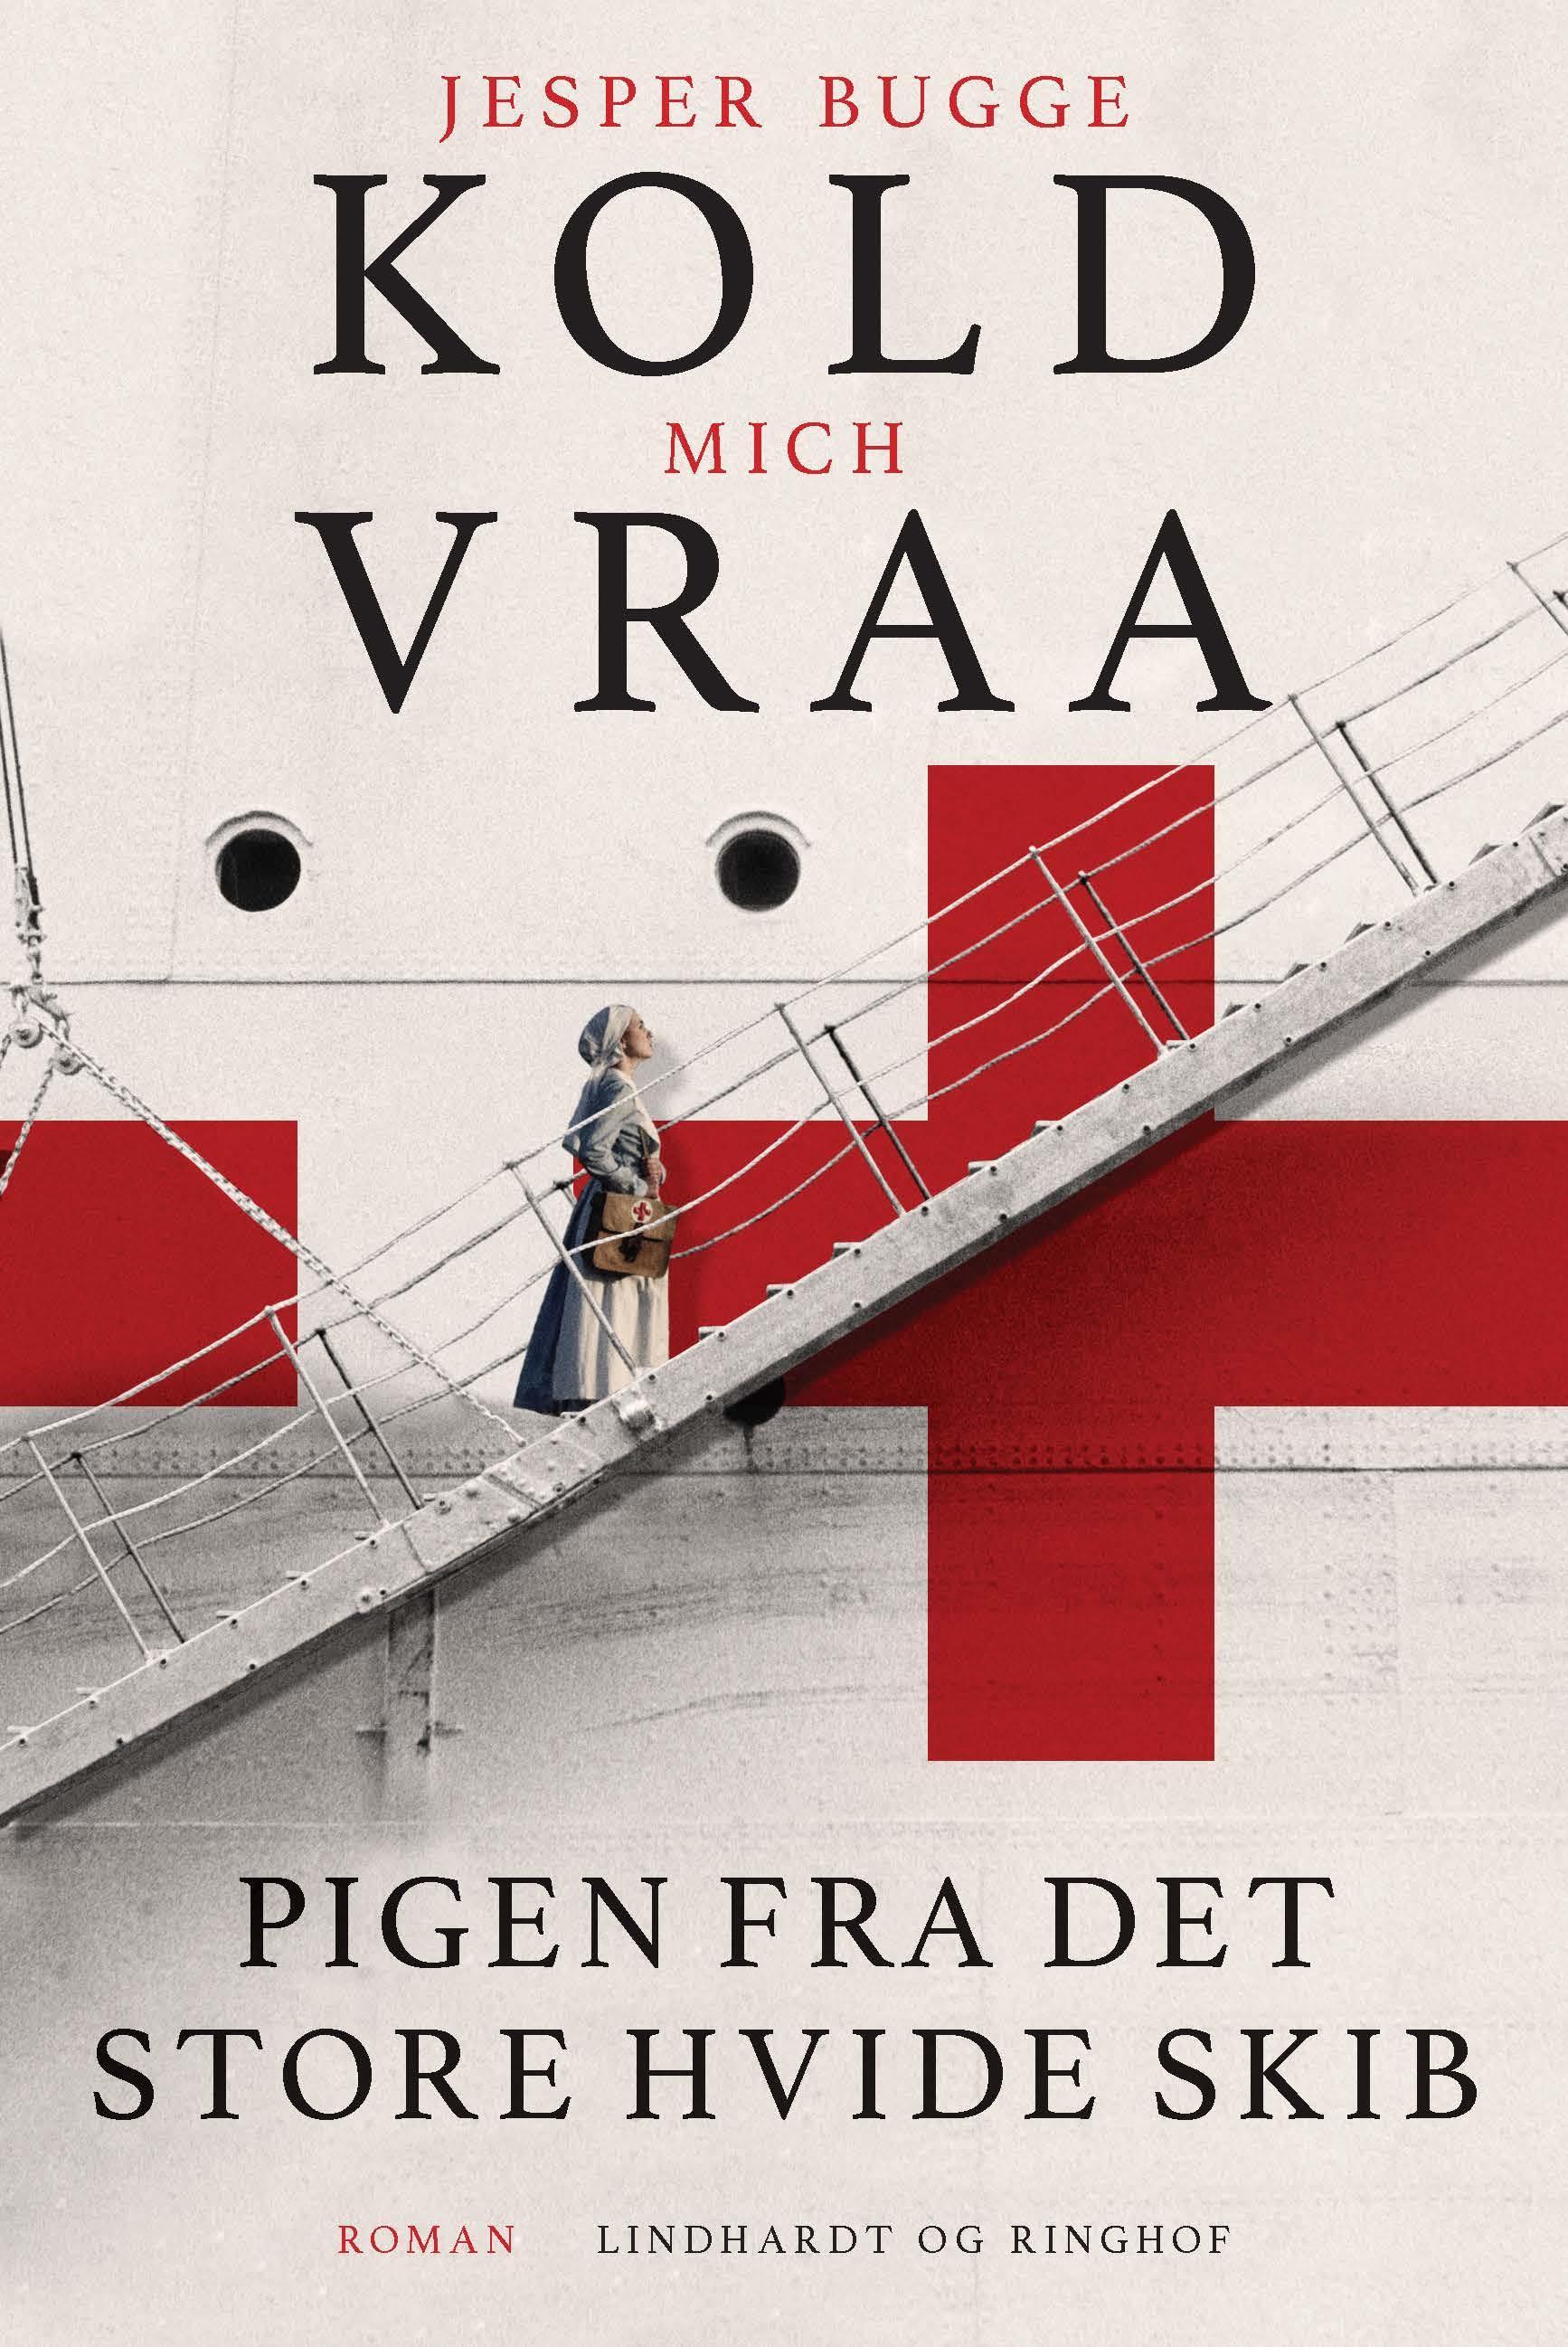 Pigen fra det store hvide skib - Jesper Bugge Kold; Mich Vraa - Bøger - Lindhardt og Ringhof - 9788711989647 - January 23, 2021